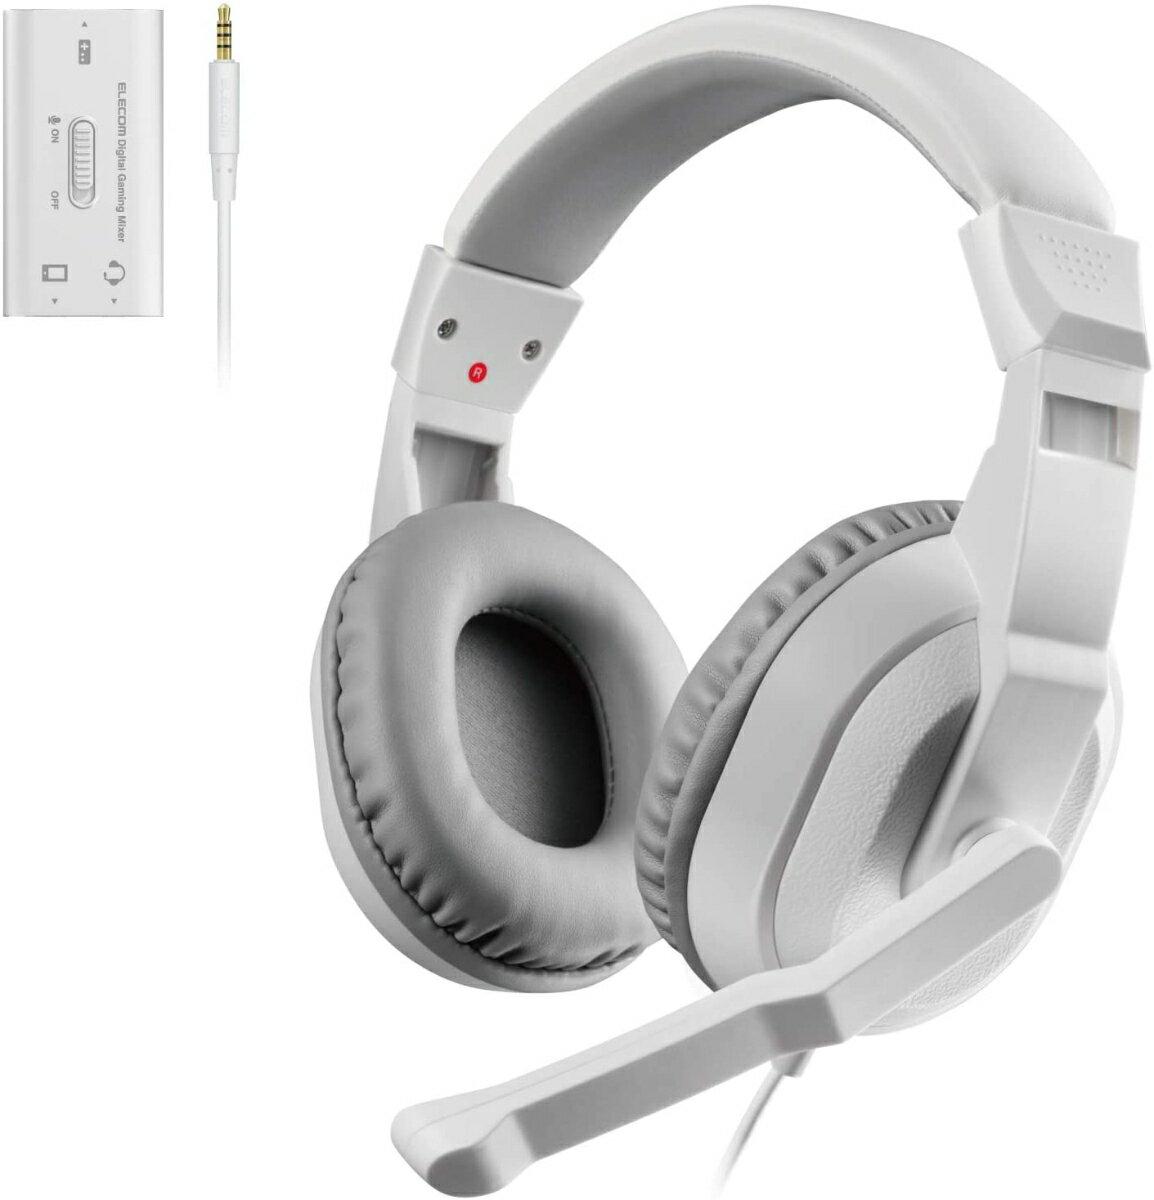 エレコム ゲーム向けヘッドセット/4極/両耳オーバーヘッド/USBデジタルミキサー付/PS4/Switch対応/ホワイト